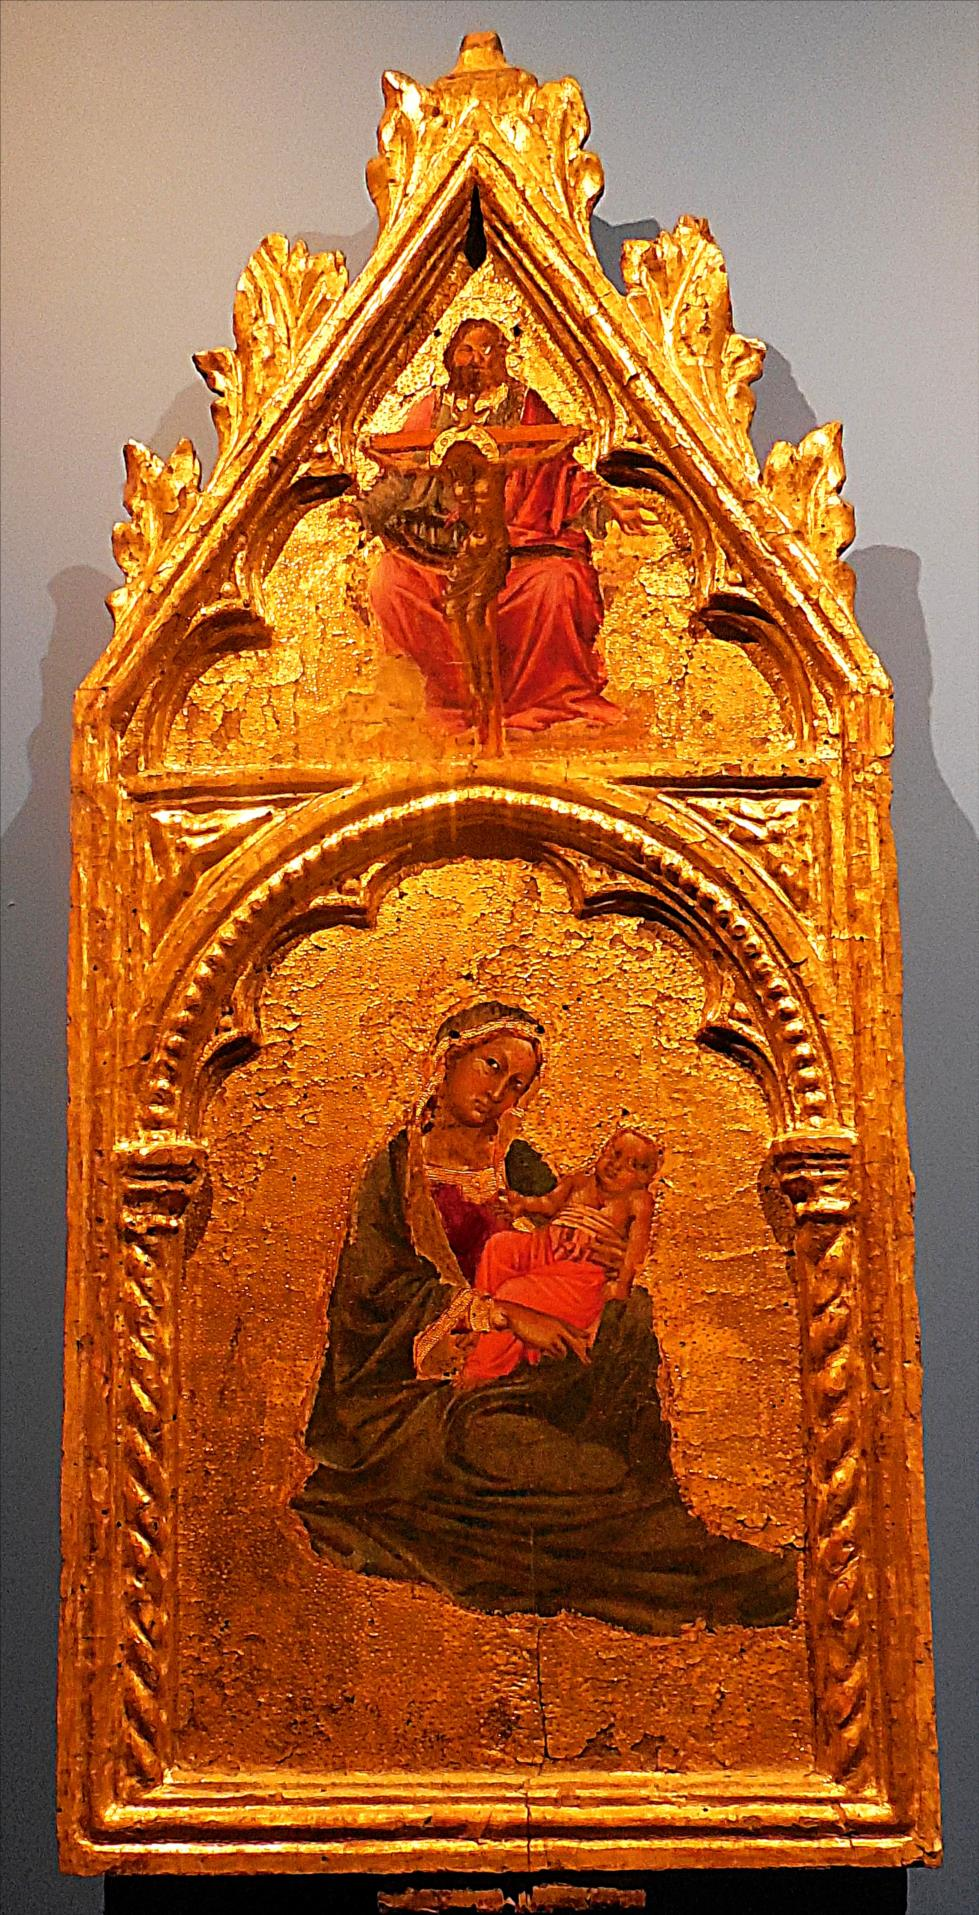 Angelo Puccinelli, La Vierge d'humilité vers 1375- 1380, Sienne / Abbaye de Chaalis